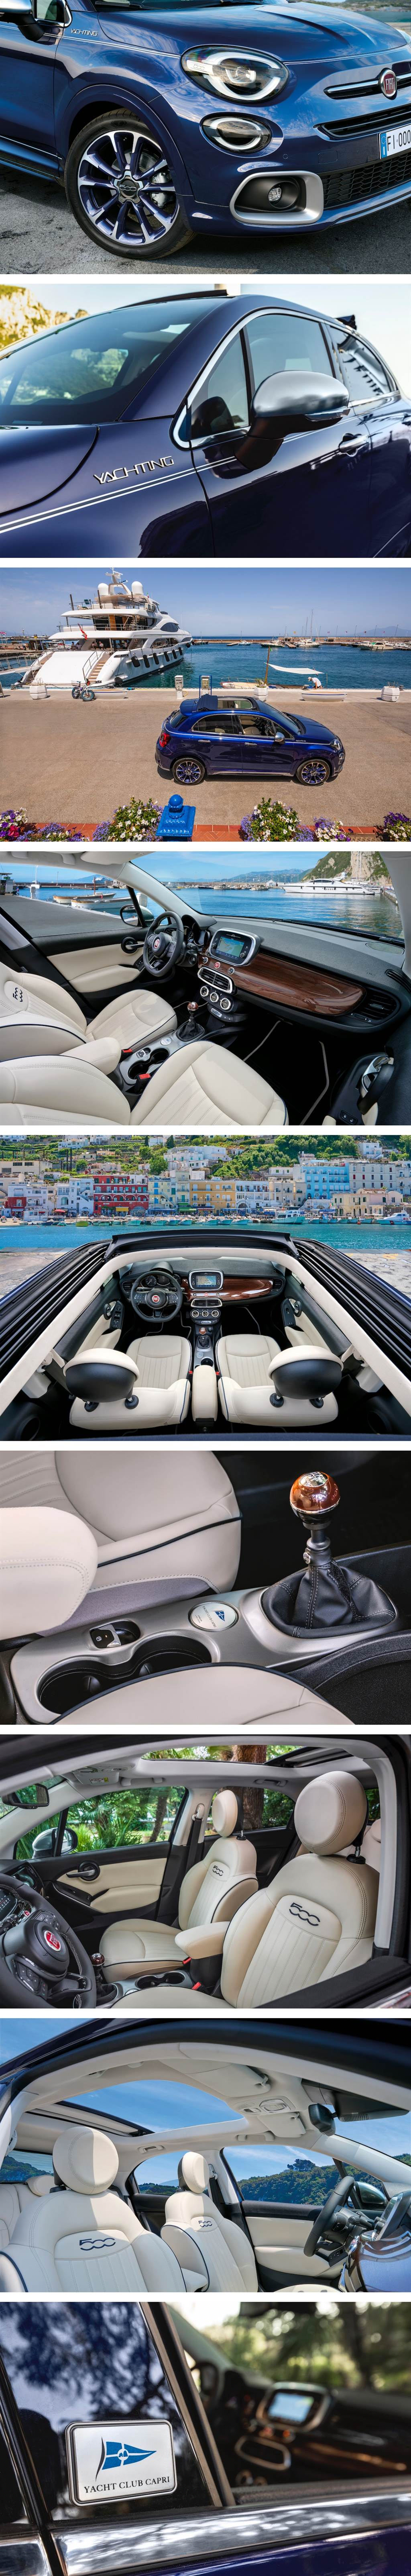 享受陸地「行船」的自由感,FIAT 500 Yachting/500X Yachting 特別仕樣車發表!